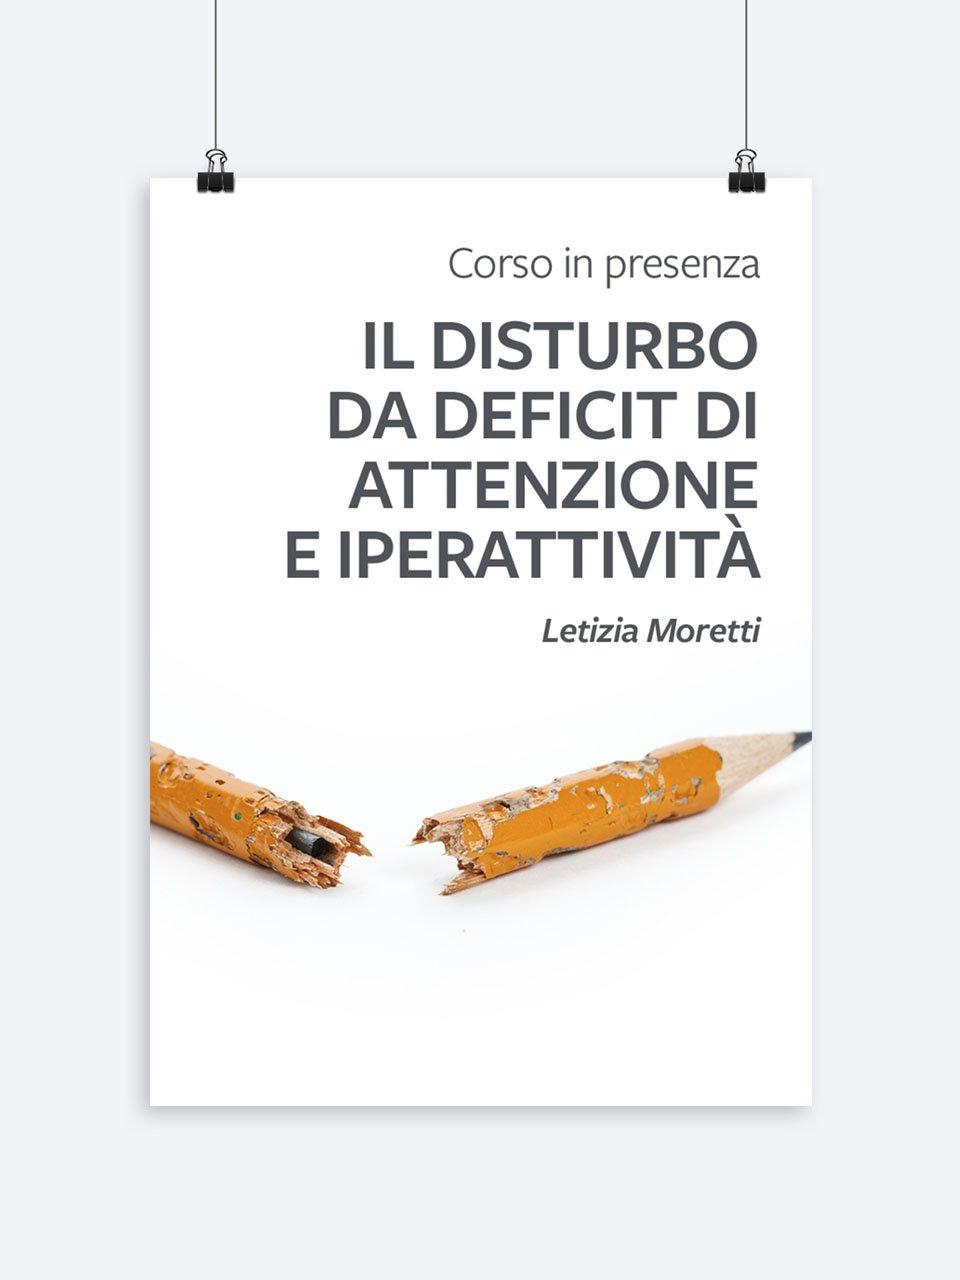 Il Disturbo da Deficit di Attenzione/Iperattività. Corso base - Erickson: libri e formazione per didattica, psicologia e sociale